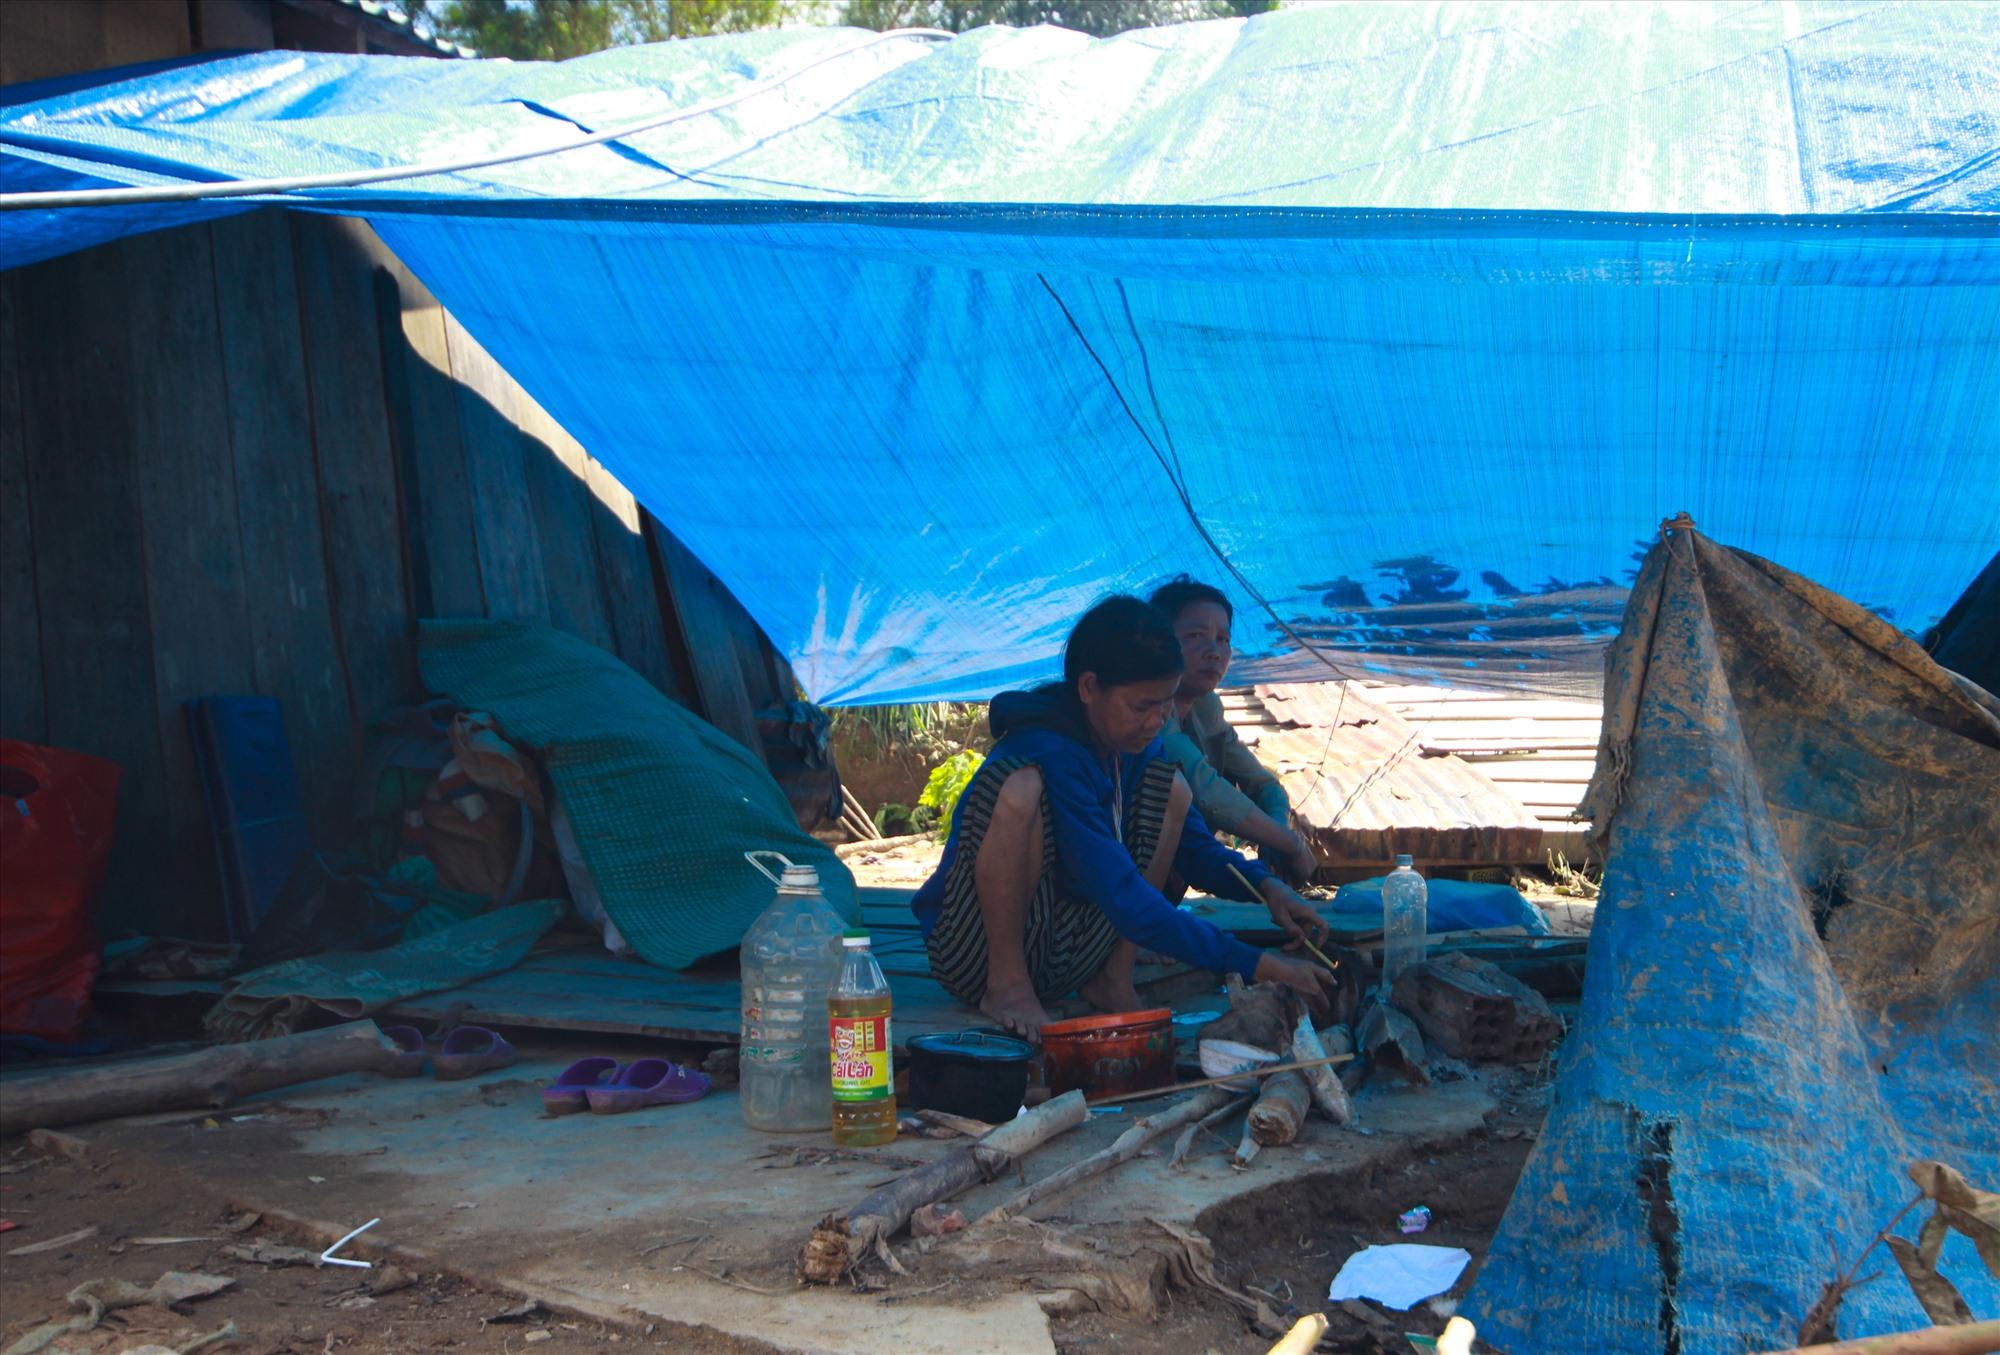 Người dân dựng lều bạt tạm làm nơi nấu ăn. Các hộ này phải ngủ nhờ trong nhà làng. Ảnh: T.C